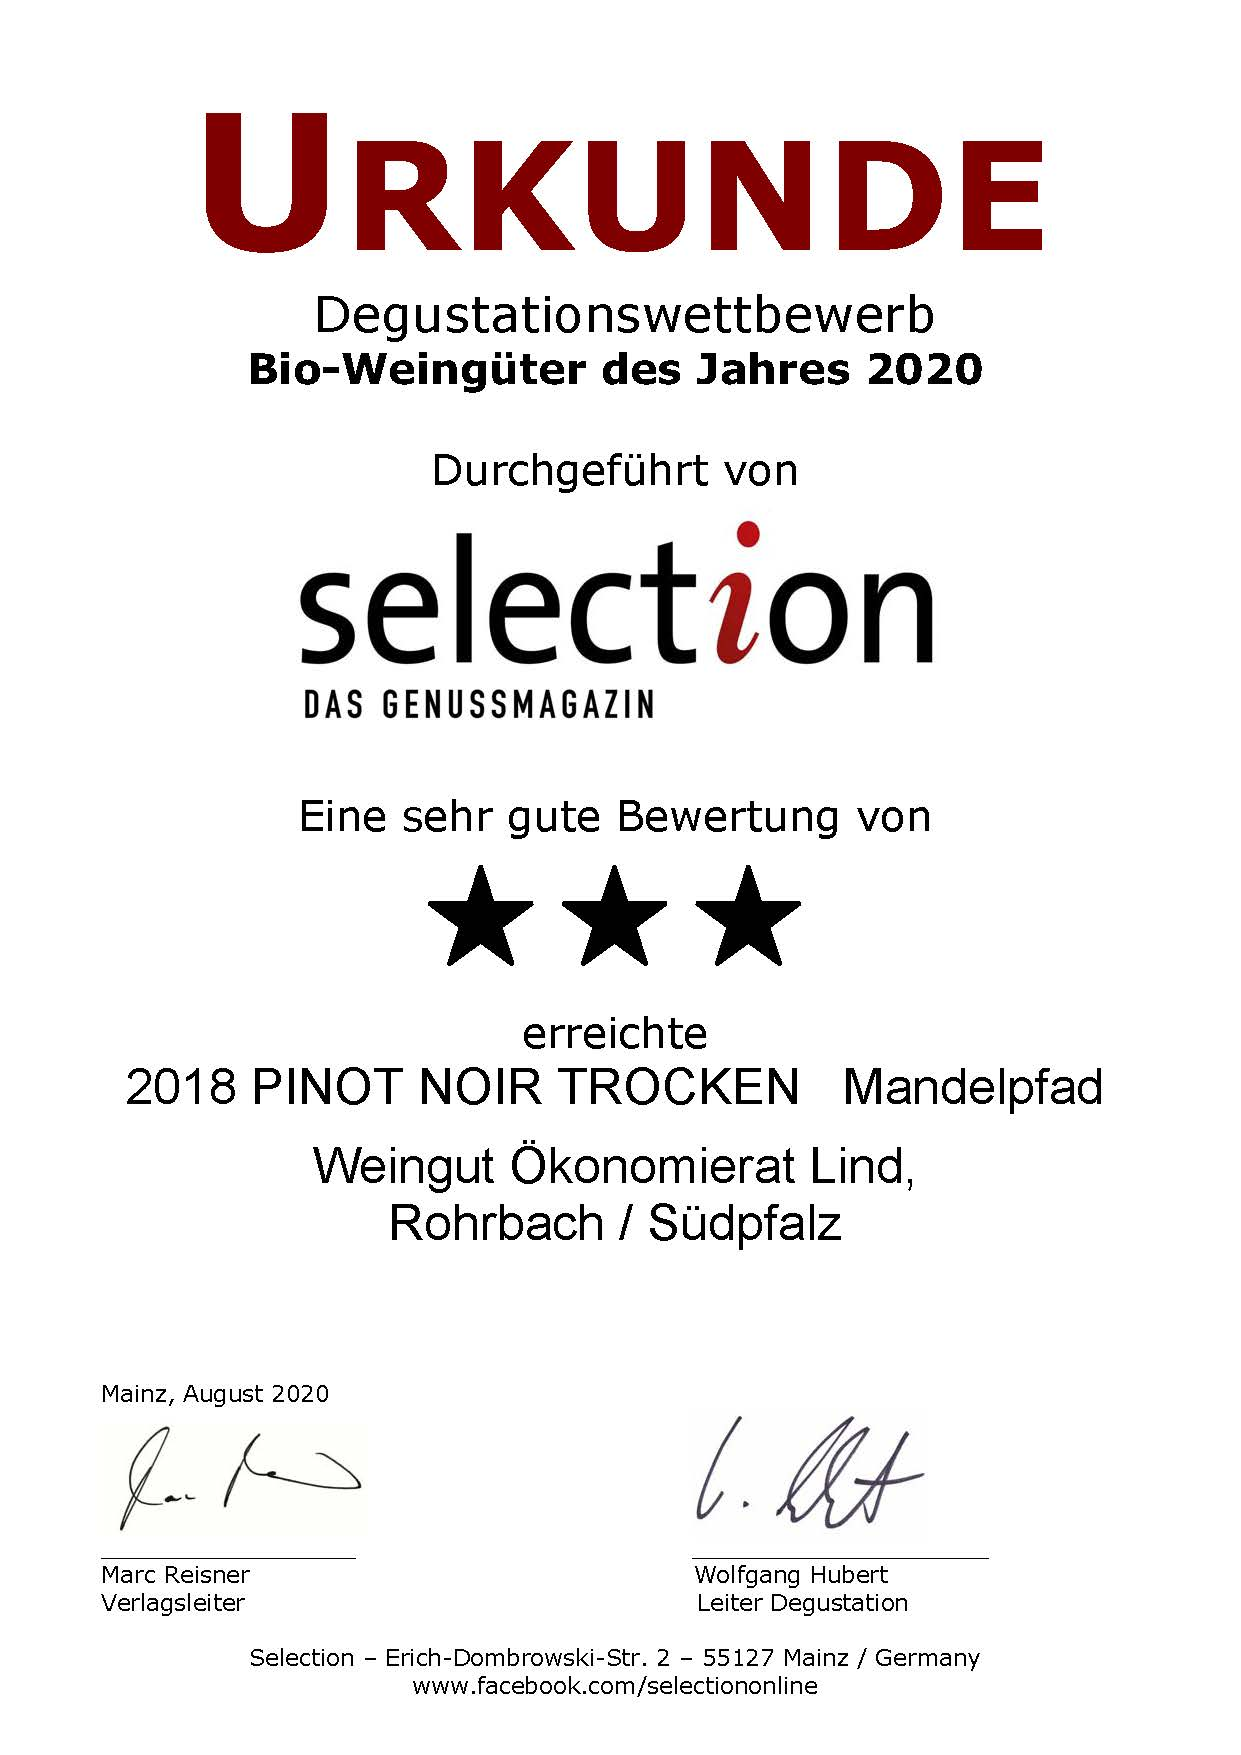 Nr. 27 - PINOT NOIR TROCKEN - 3 Sterne